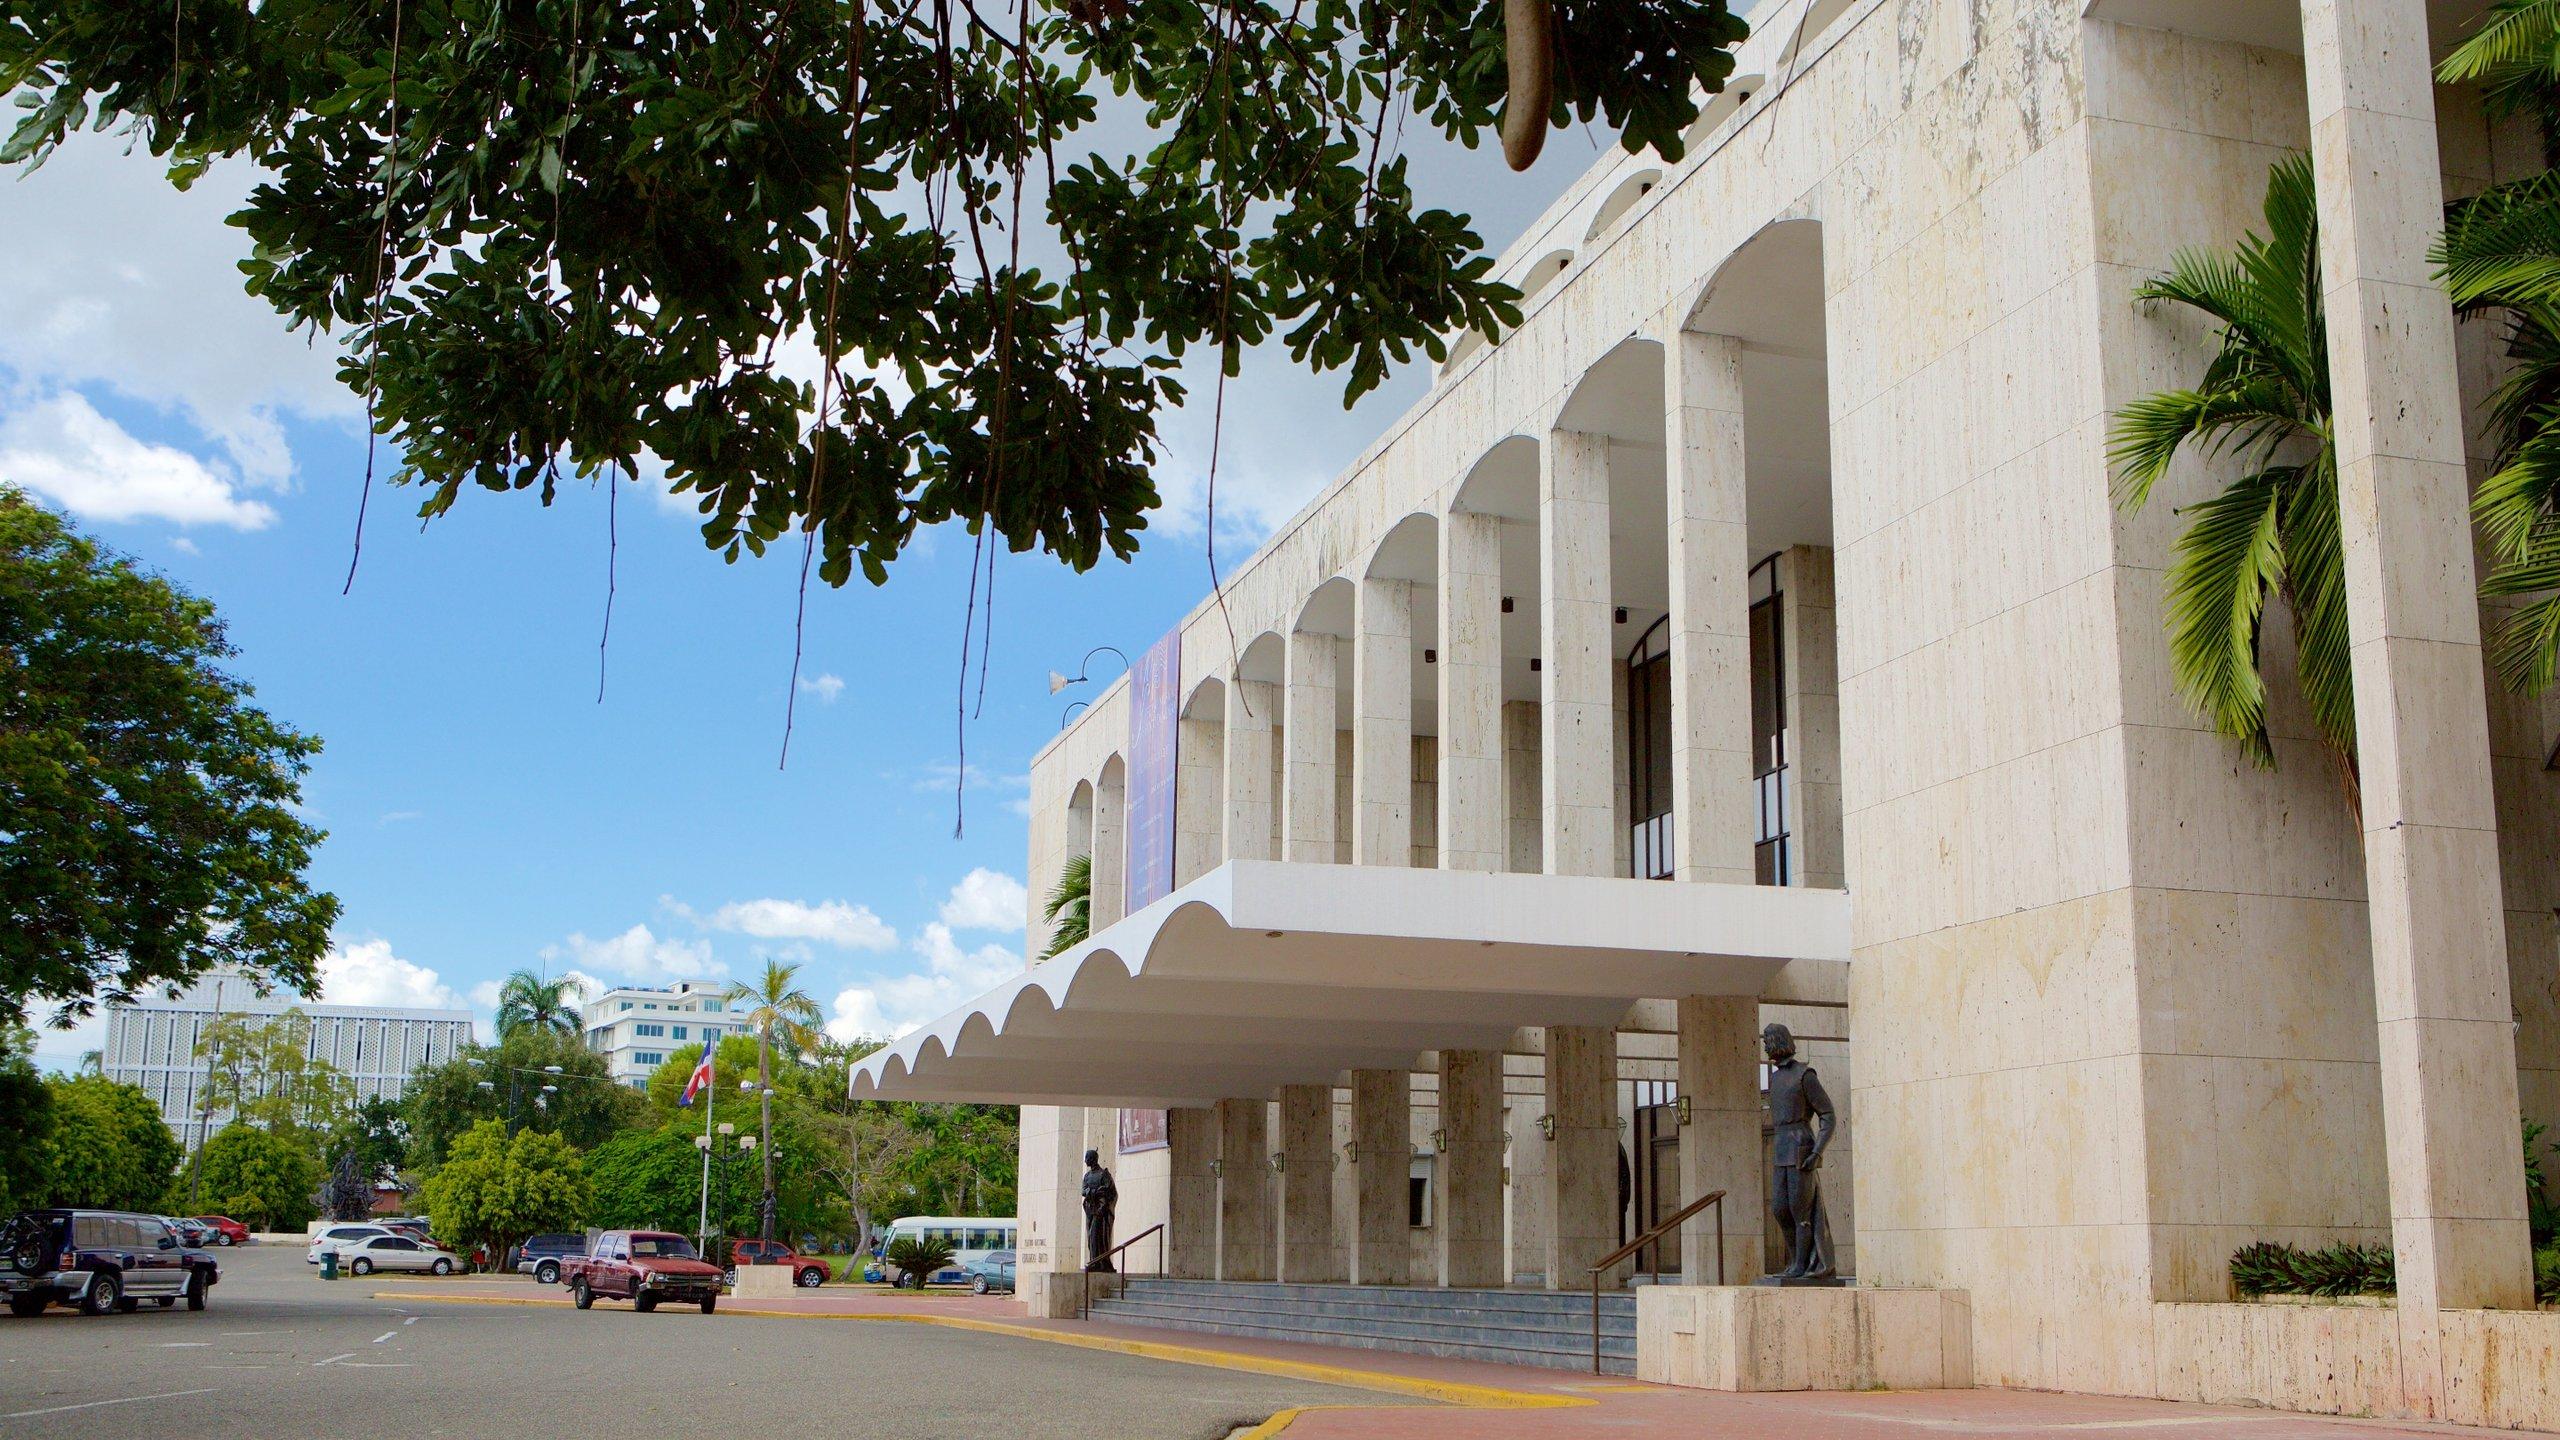 Gascue, Santo Domingo, Distrito Nacional, Dominican Republic